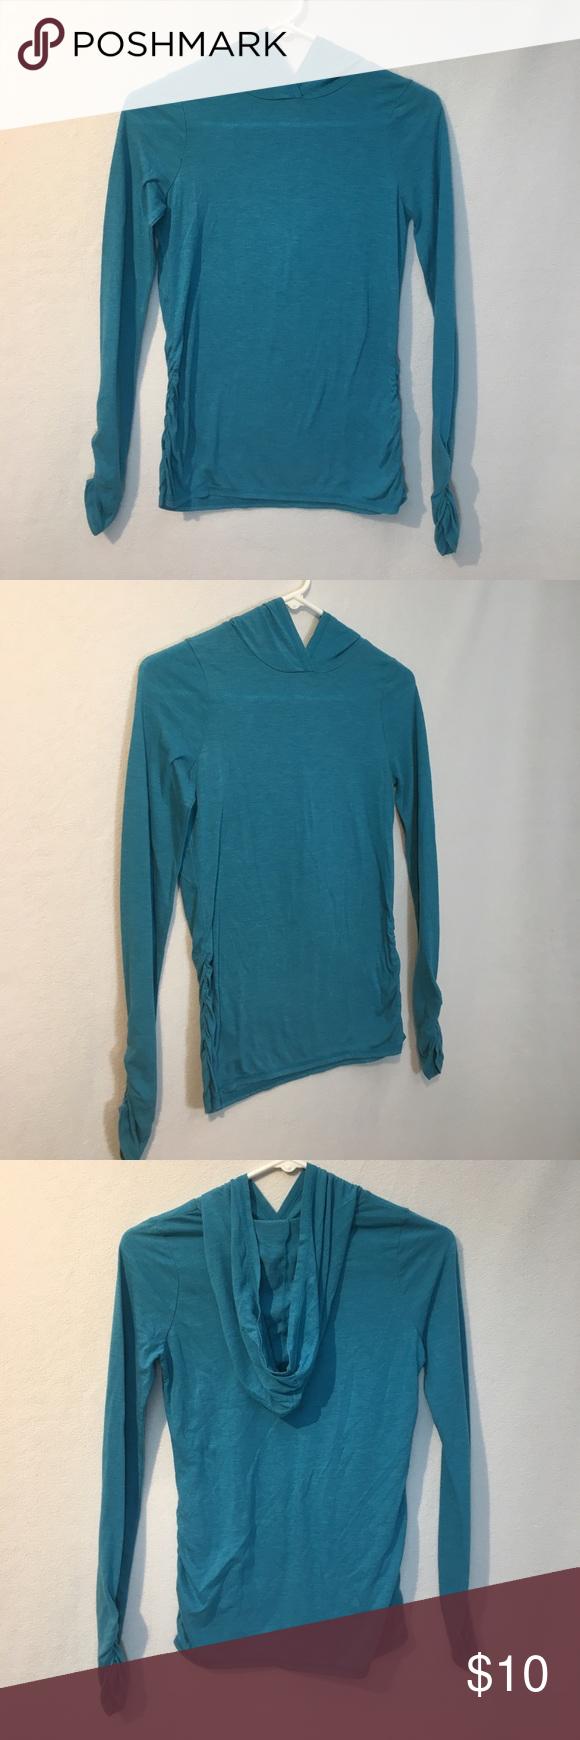 Zella Girl turquoise long sleeve hooded top Hooded tops